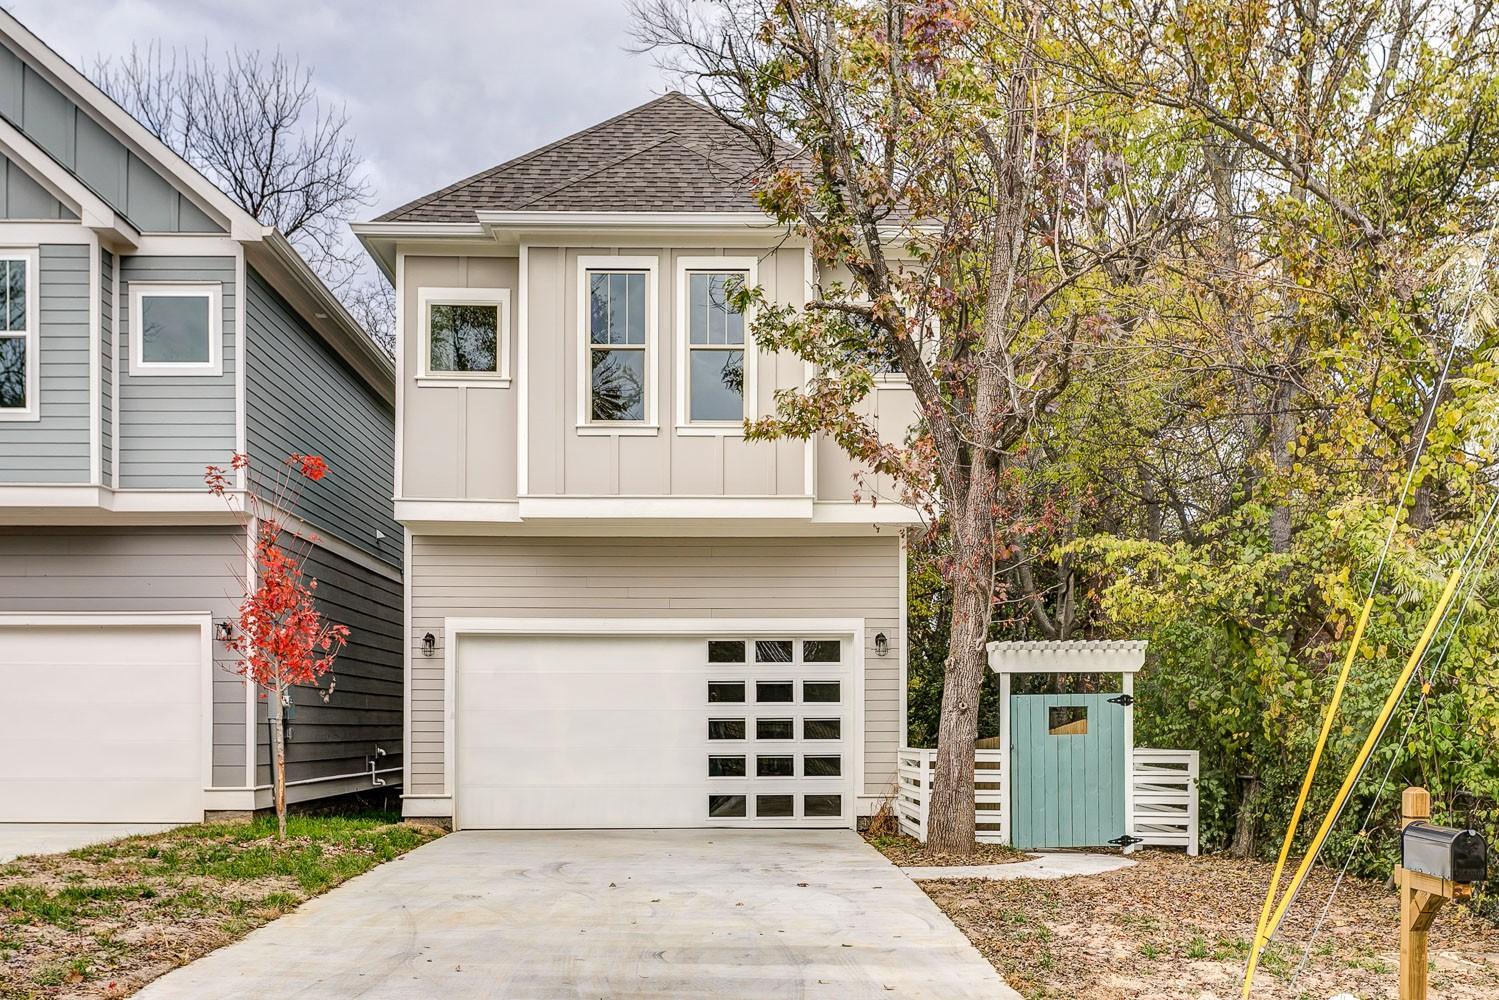 2239 Greenwood Ave, Nashville, TN 37206 - Nashville, TN real estate listing